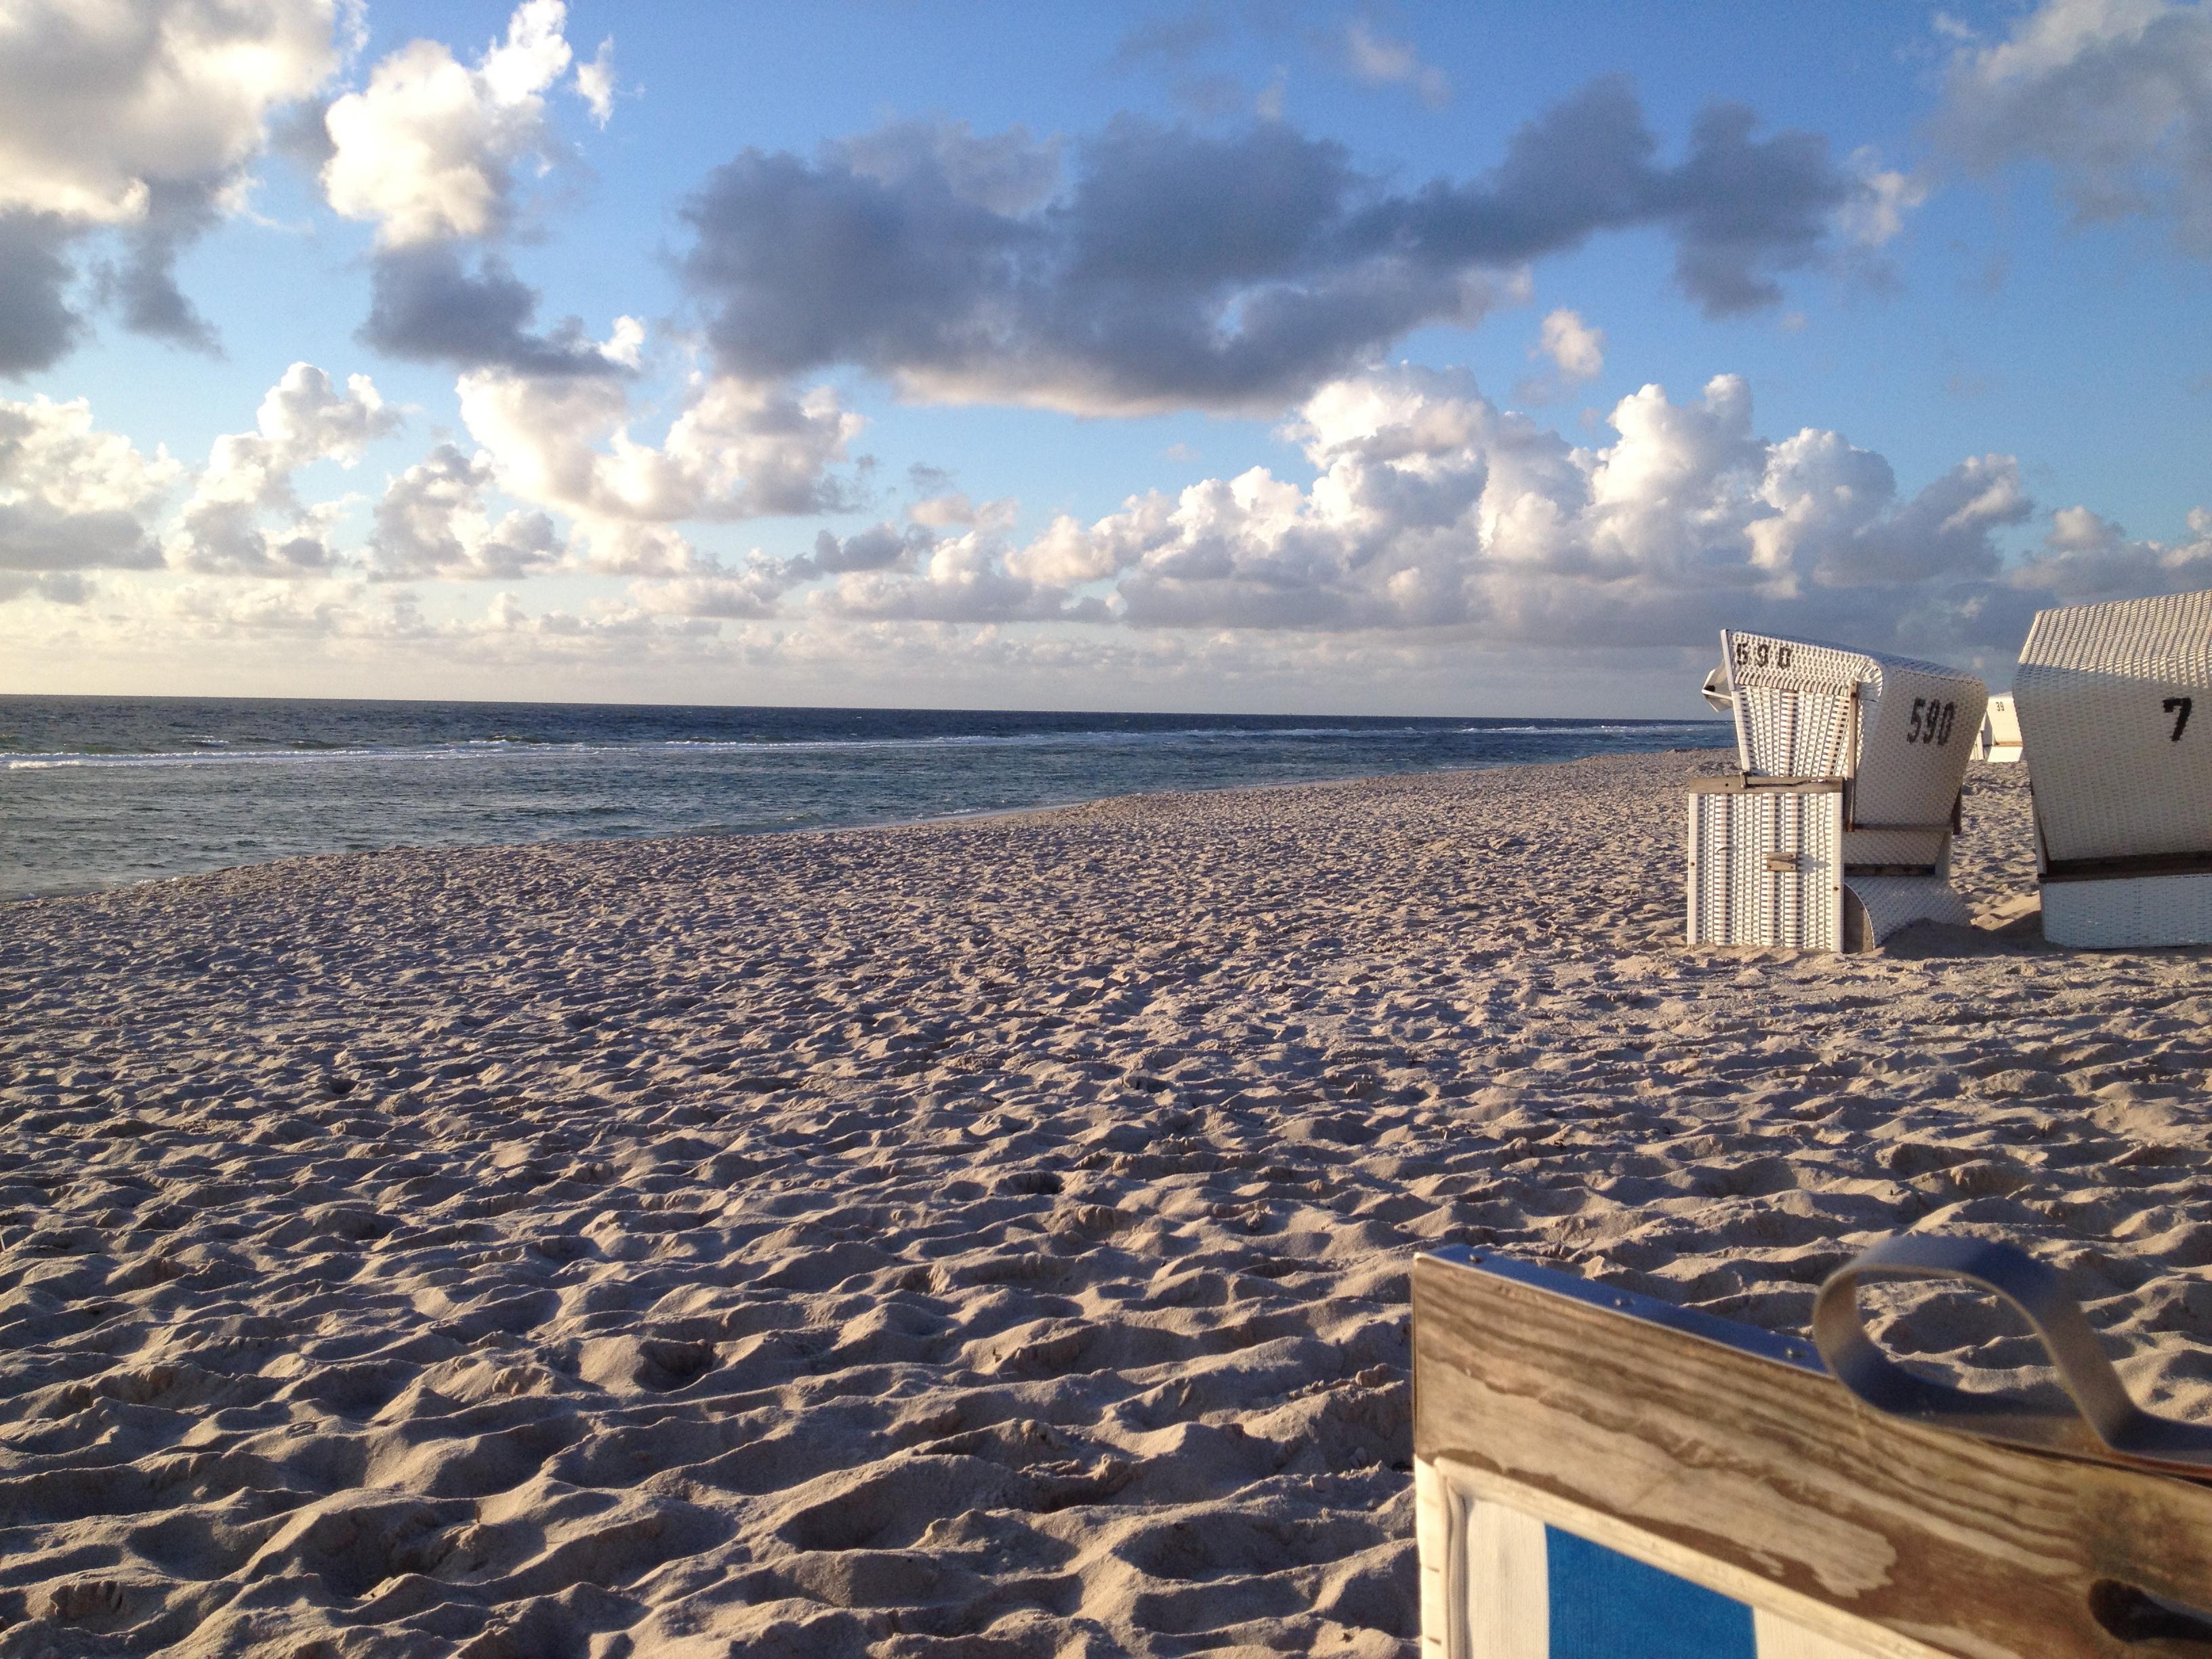 Strand mit weissen Strandkörben und schäfchen Wolken